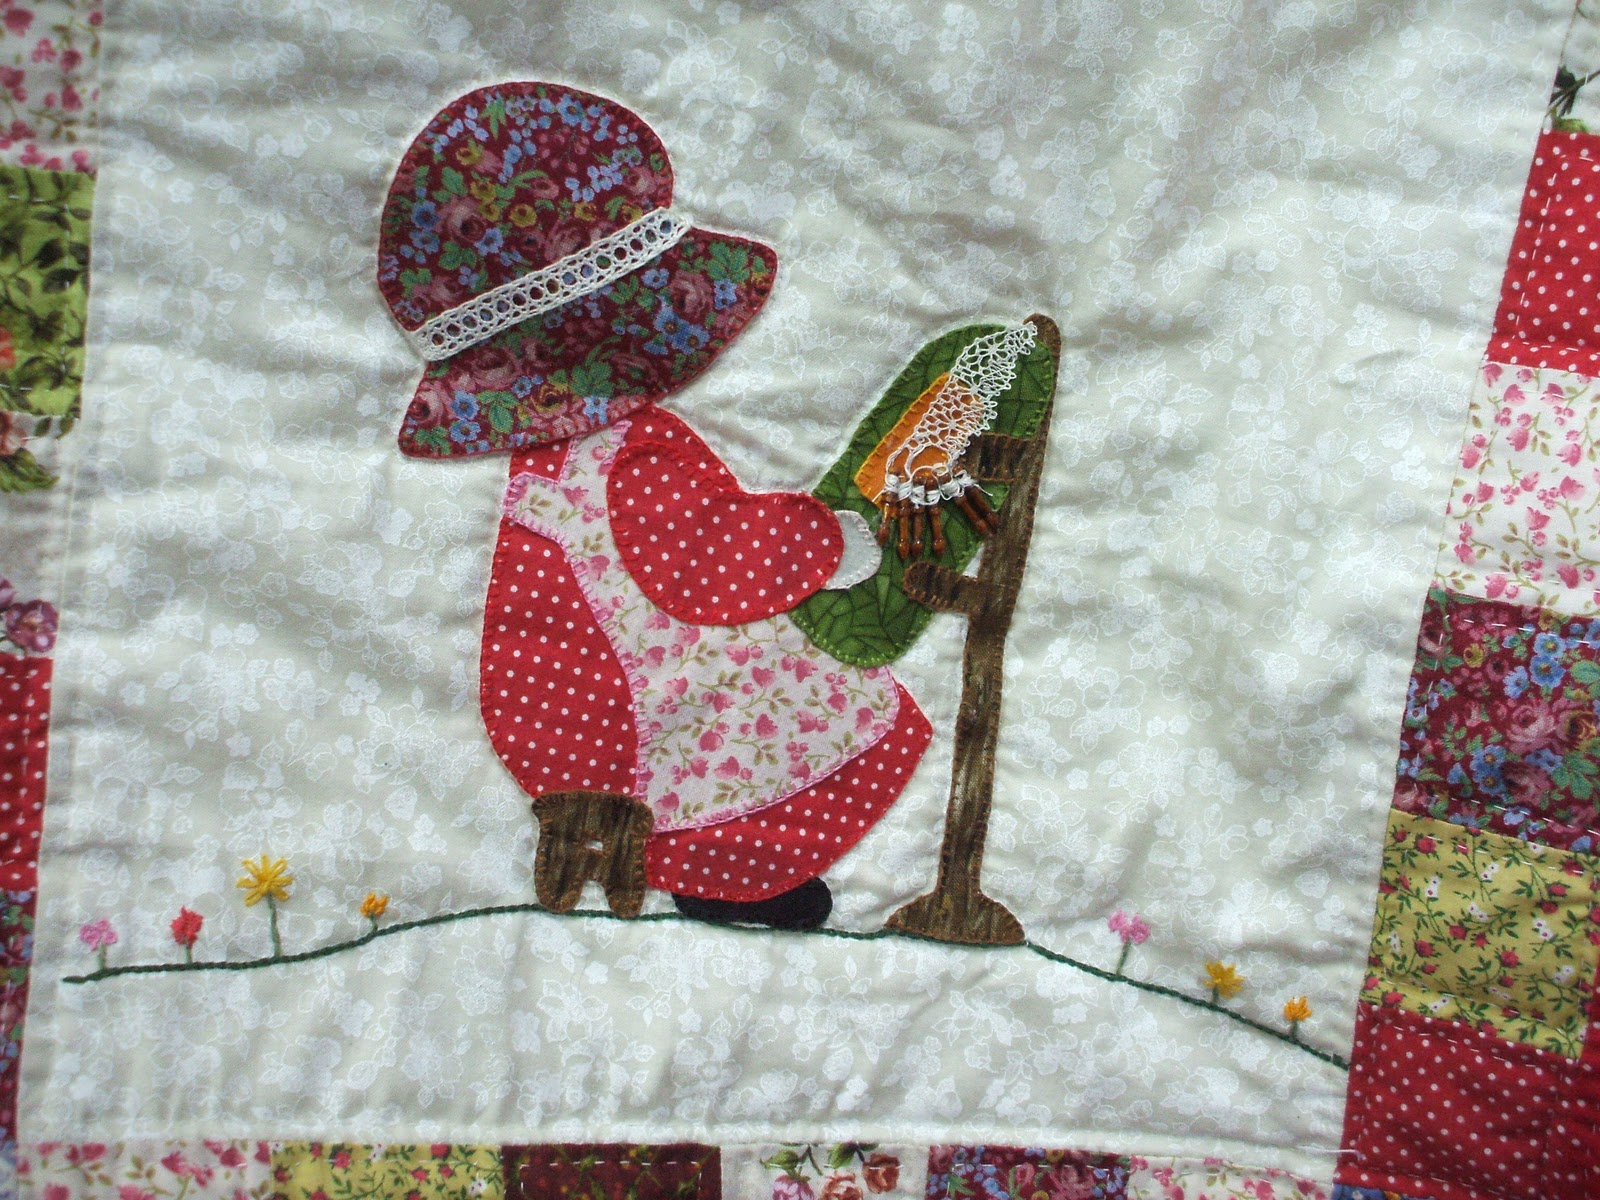 Las labores de anadeli mis labores de patchwork - Labores de punto de media ...